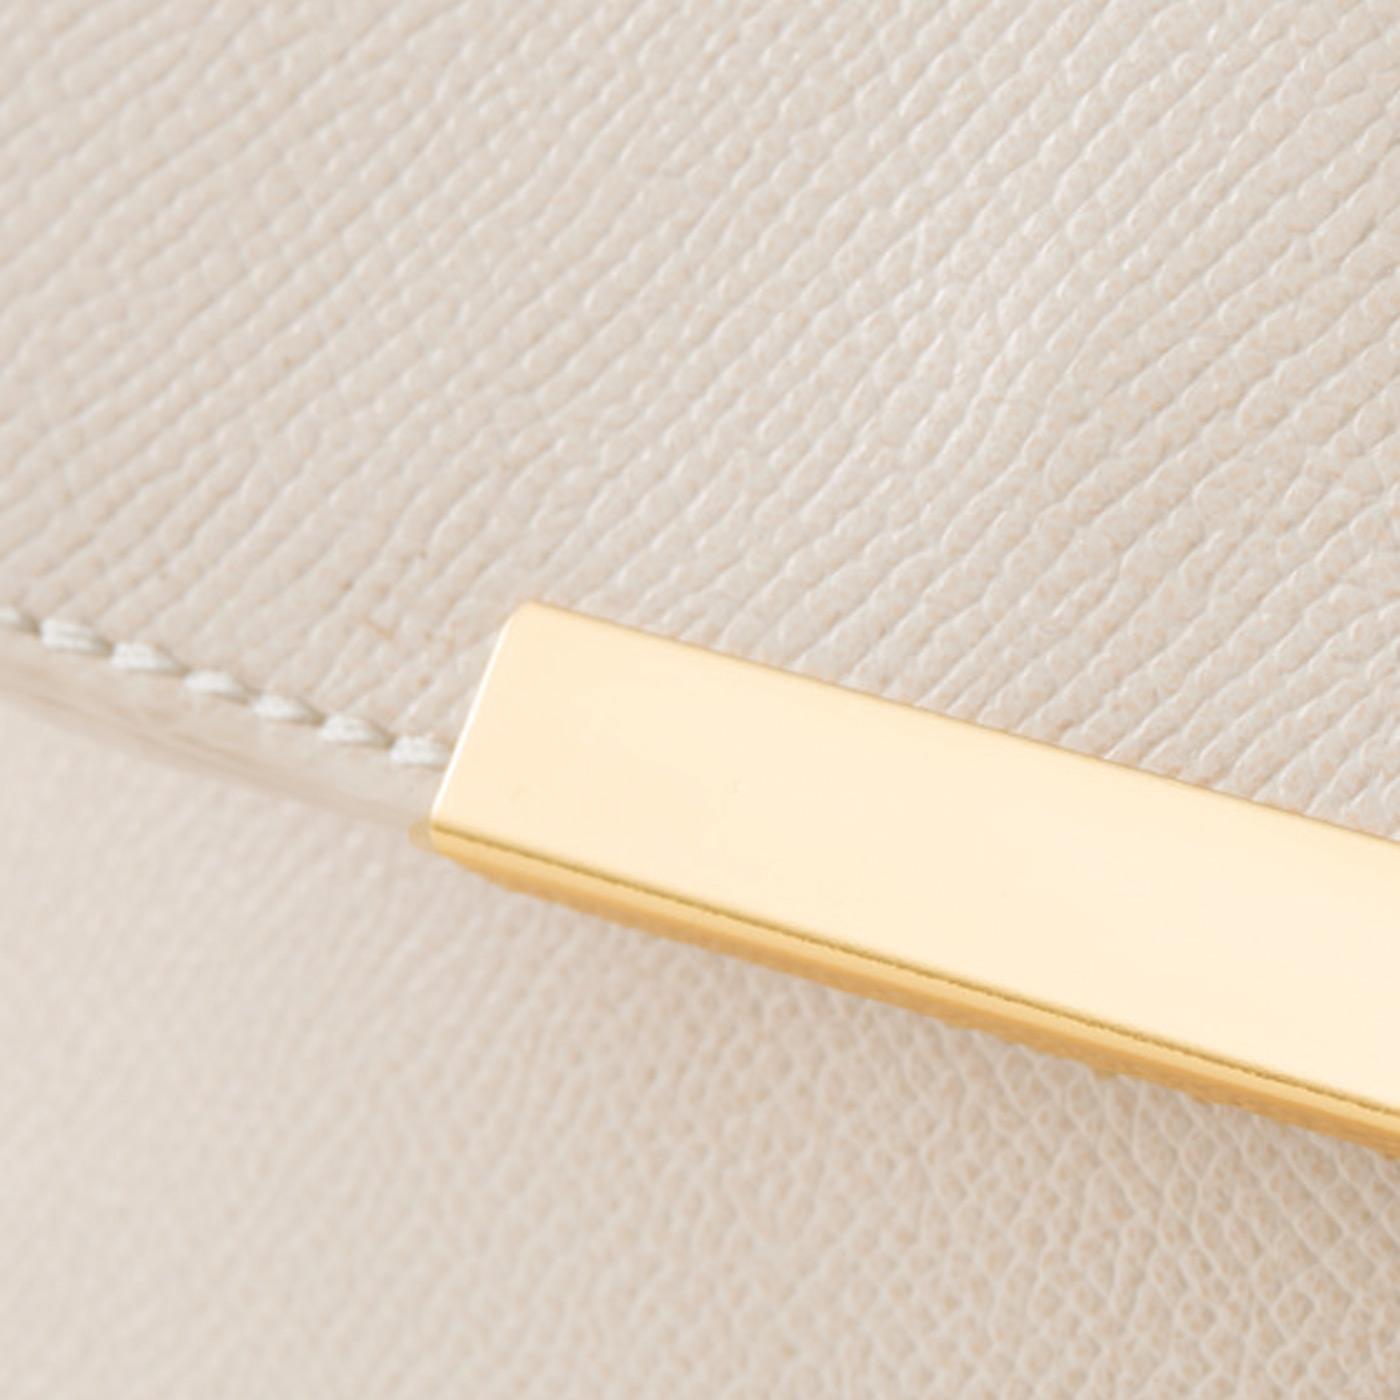 本革よりもお手入れがしやすい、型押しした合皮素材とゴールドカラーのポイント。